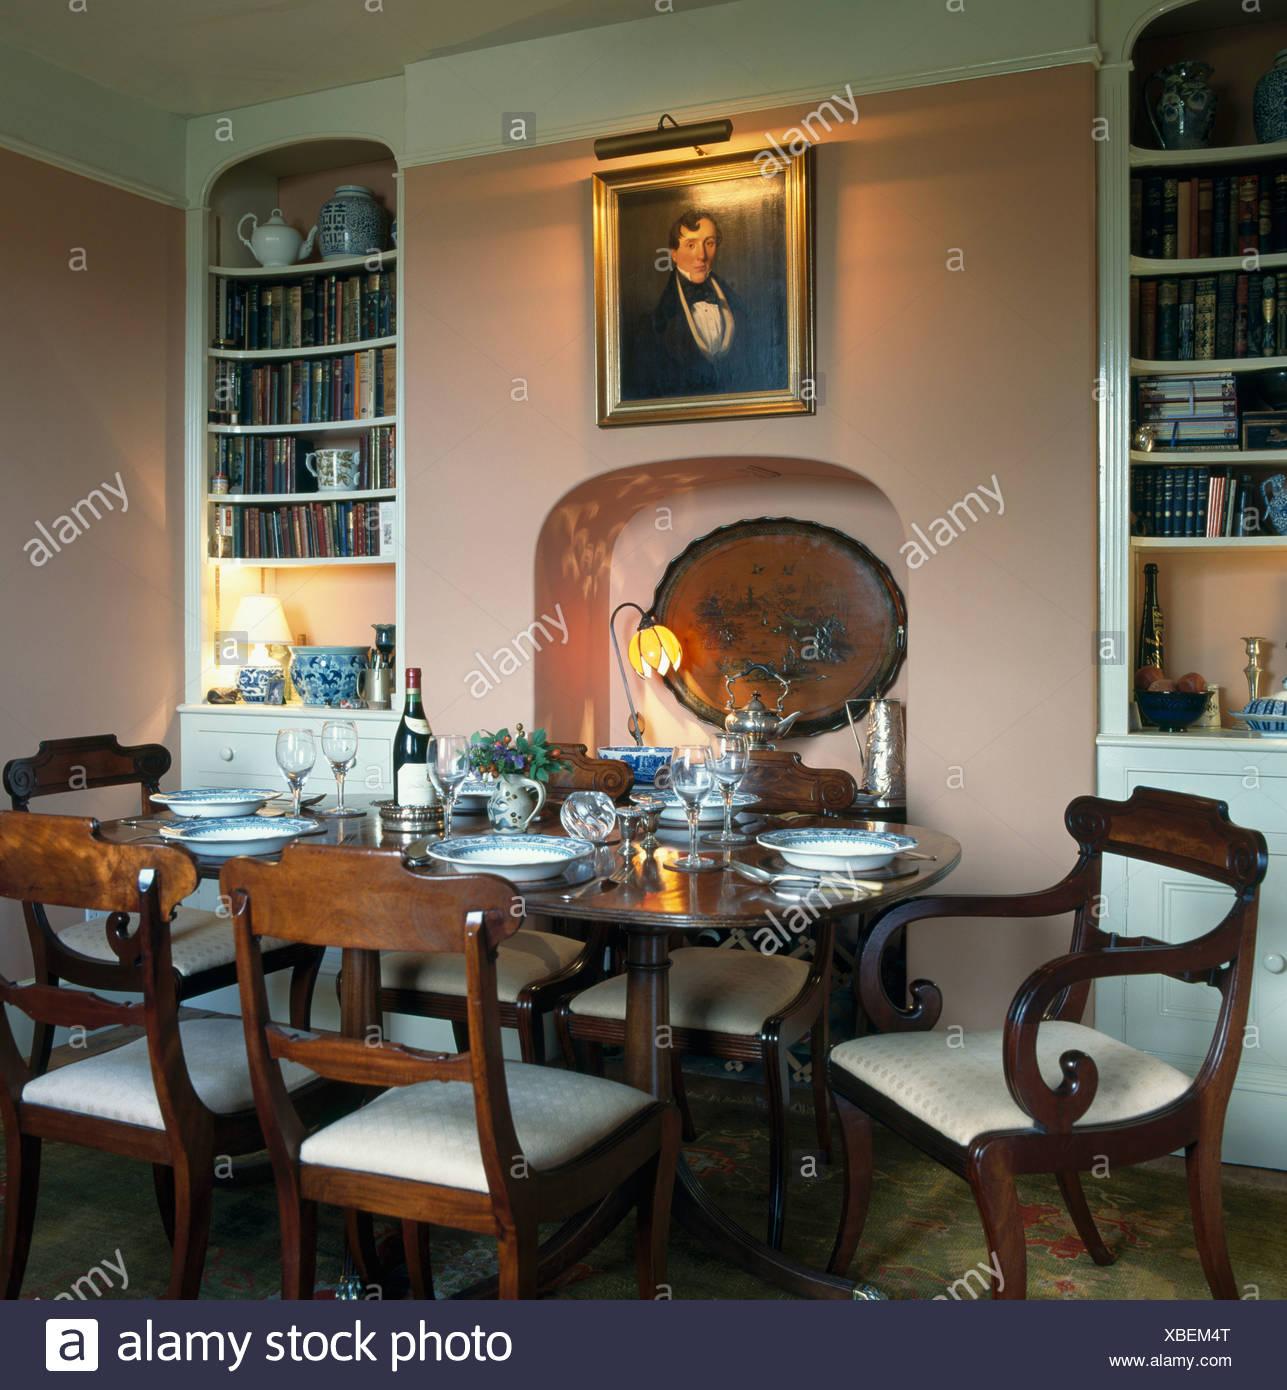 alkoven bucherregale in rosa speisesaal mit antiken mobeln und bild uber dem kamin alkoven